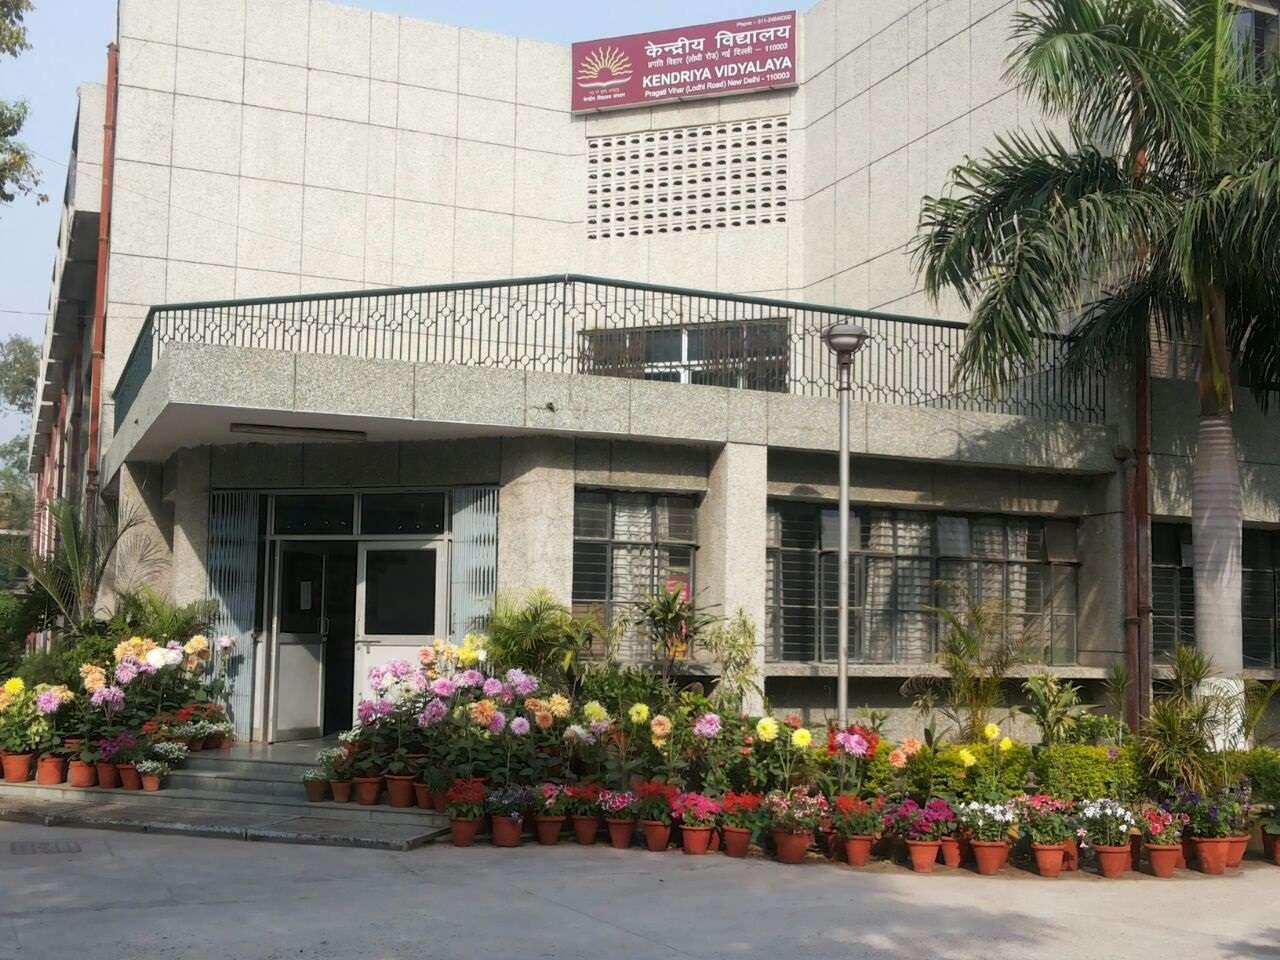 KENDRIYA VIDYALAYA PRAGATI VIHAR LODHI ROAD NEW DELHI 2700022